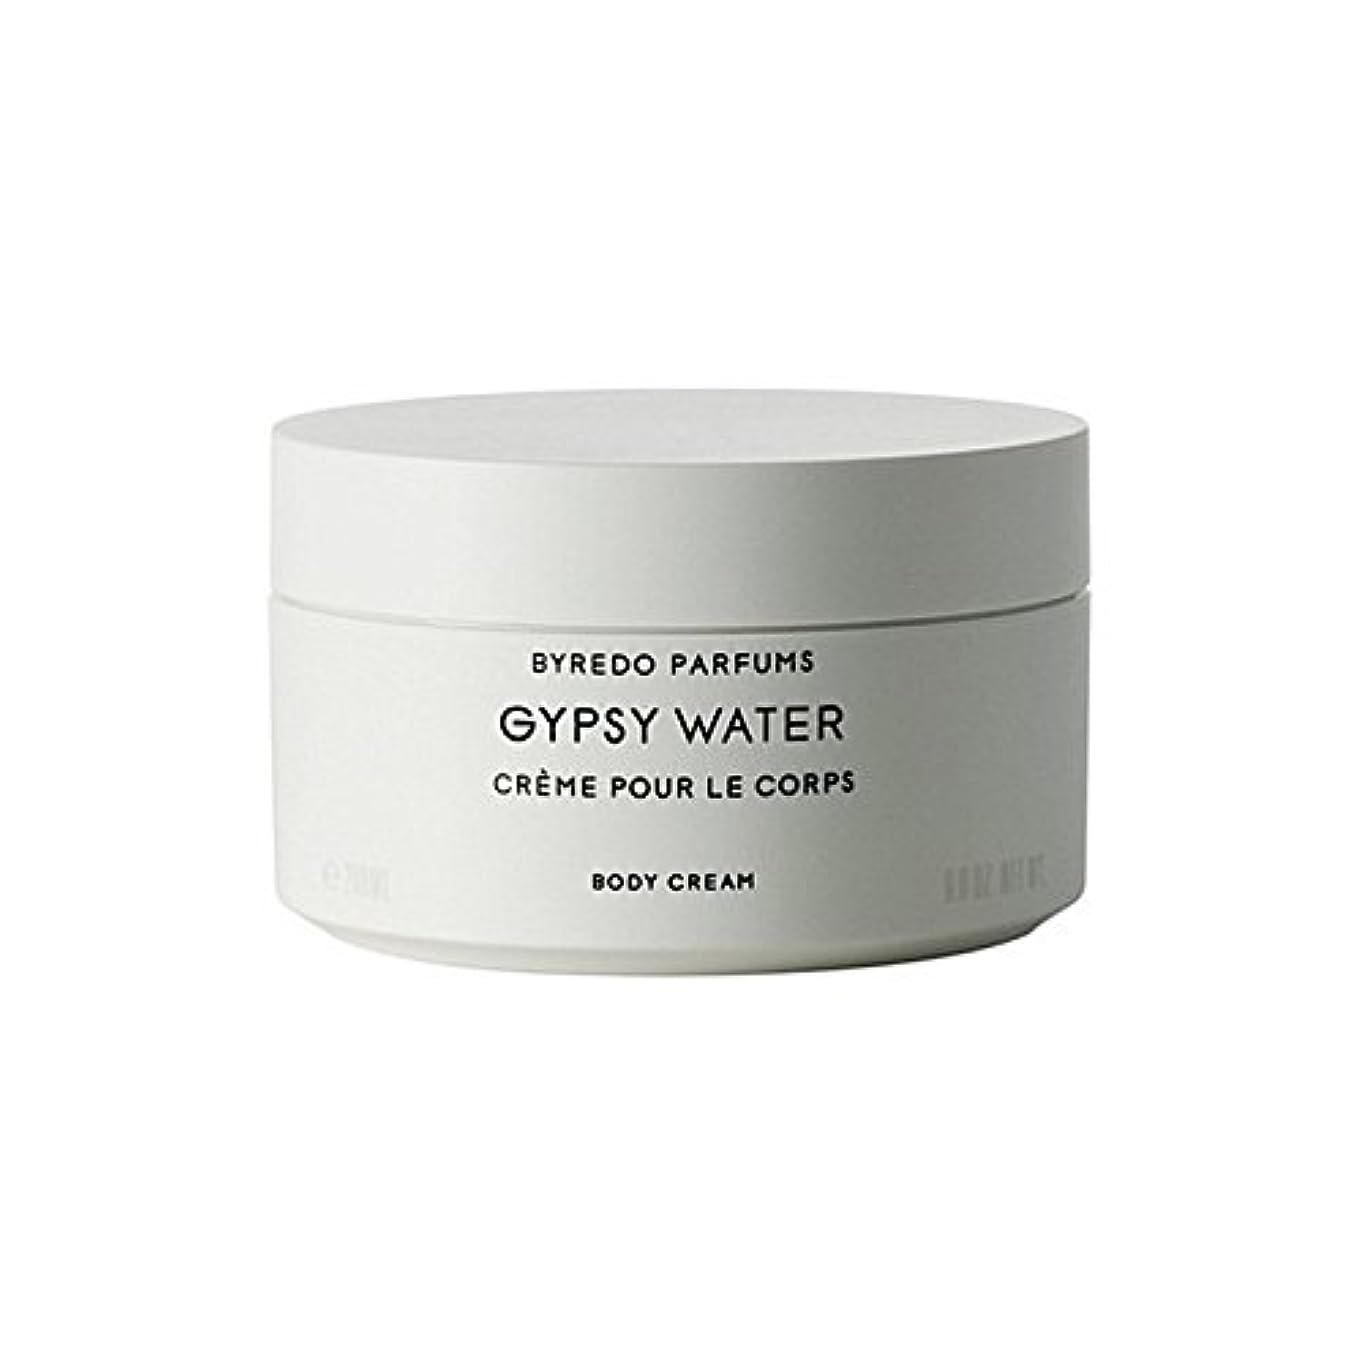 爪刺激する折るジプシー水ボディクリーム200ミリリットル x2 - Byredo Gypsy Water Body Cream 200ml (Pack of 2) [並行輸入品]